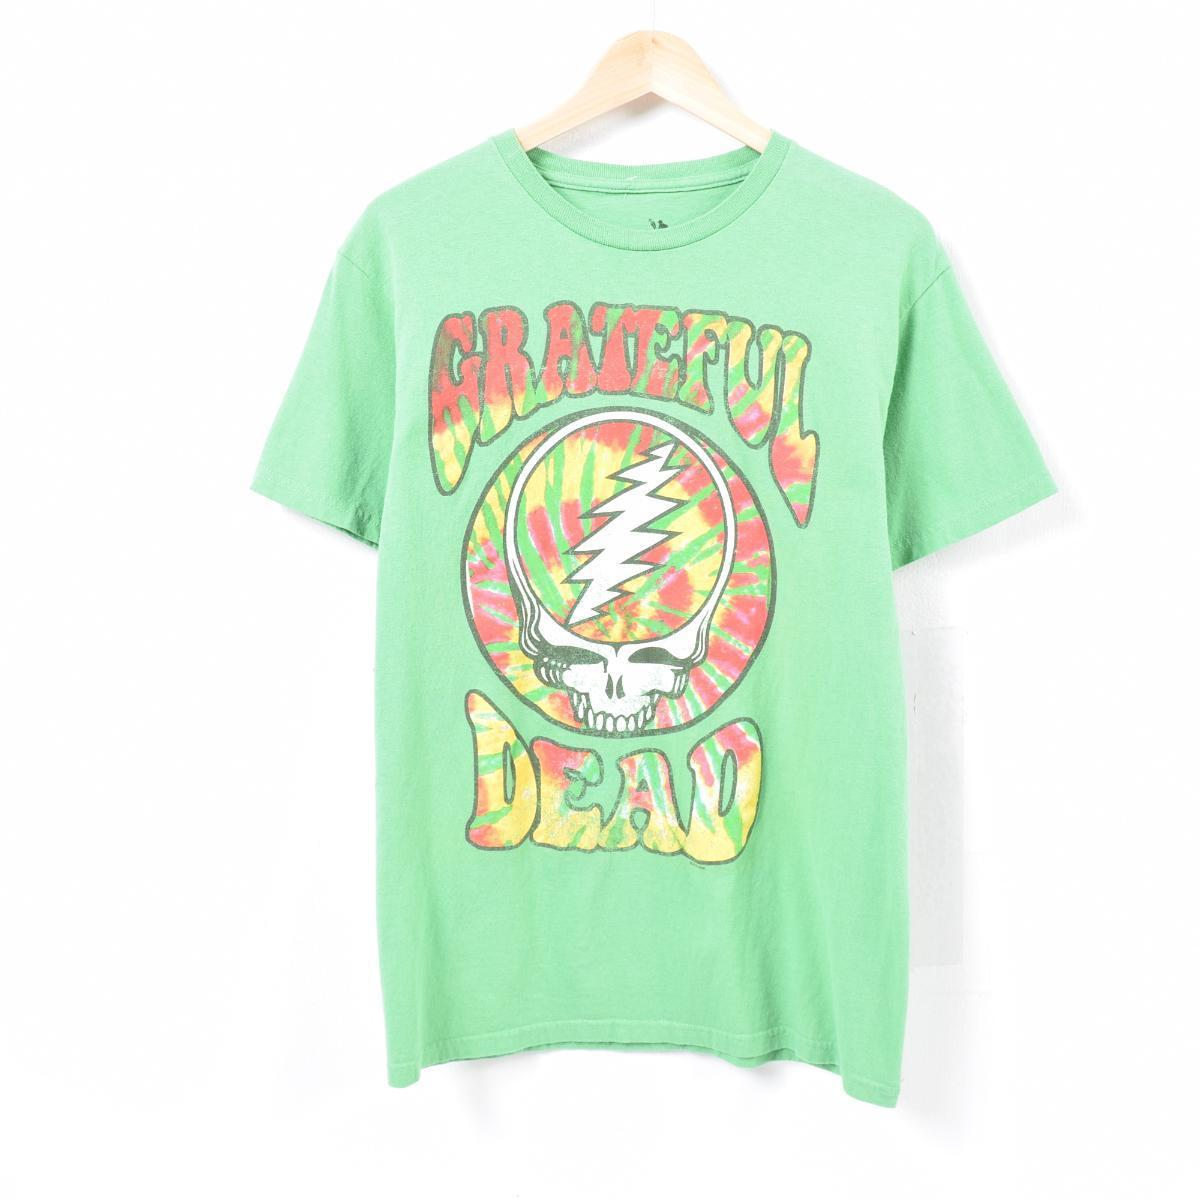 GRATEFUL DEAD(グレイトフルデッド)Tシャツ 古着 ヴィンテージ